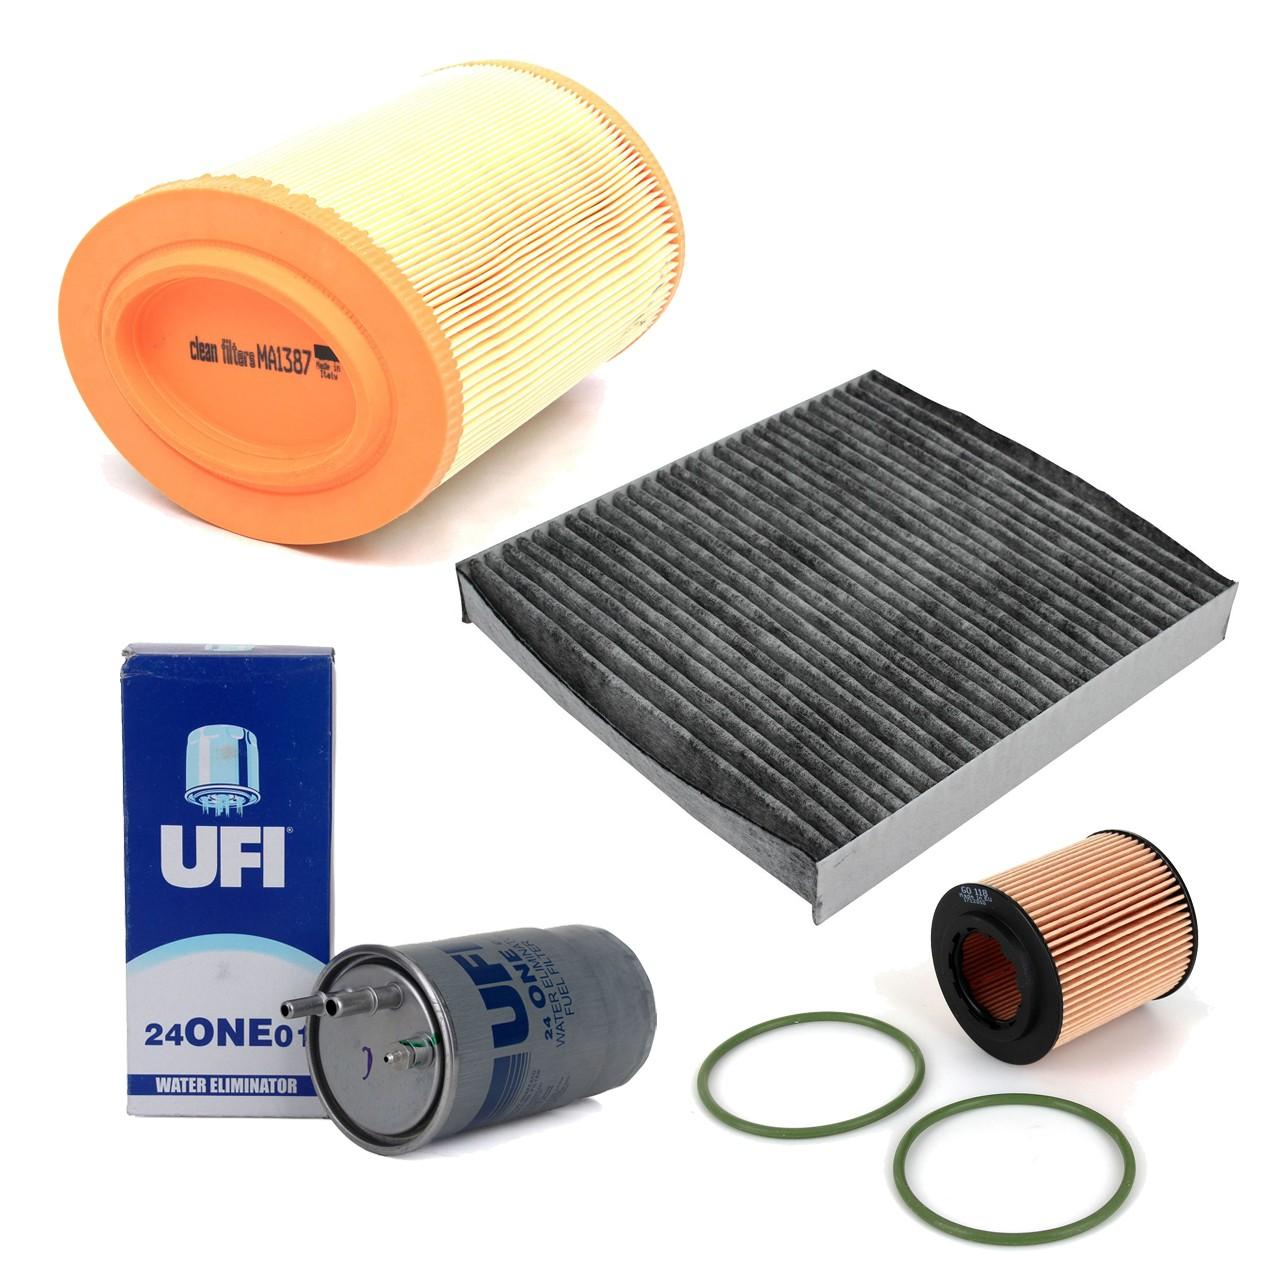 Inspektionskit Filterpaket ALFA ROMEO 159 (939) 1.9 JTDM 115-150 PS